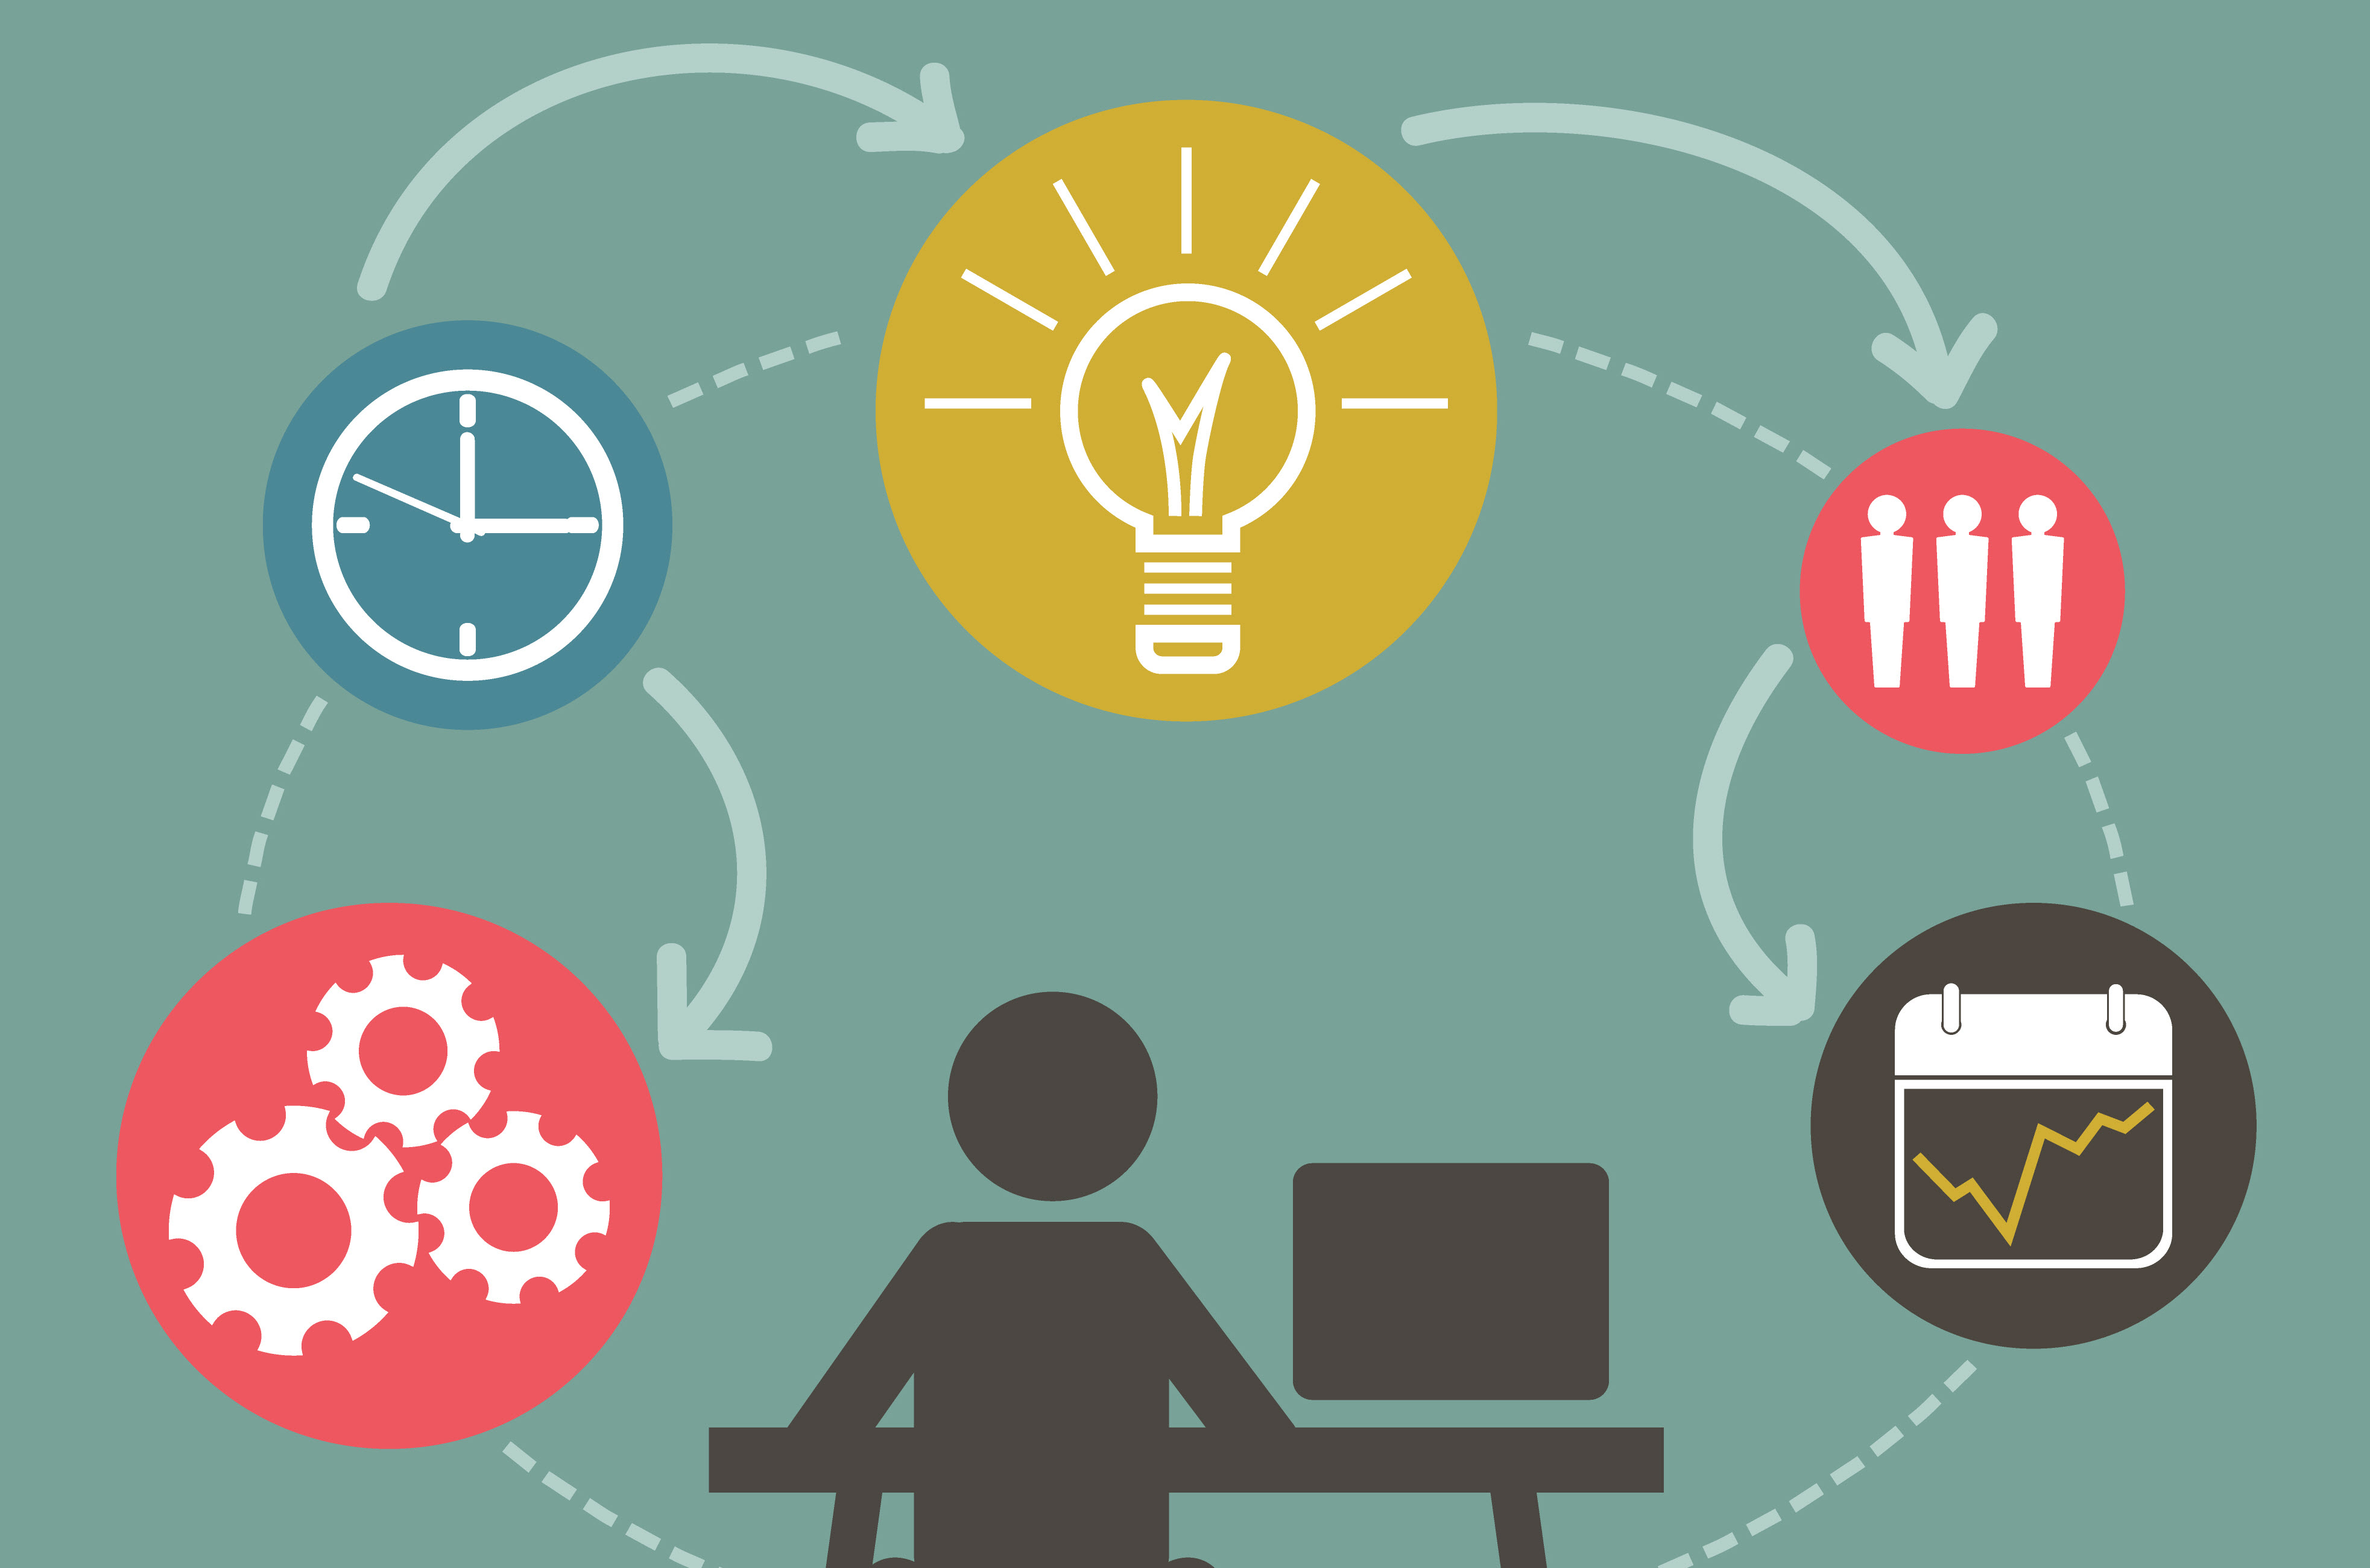 Cómo realizar un proyecto de innovación social?